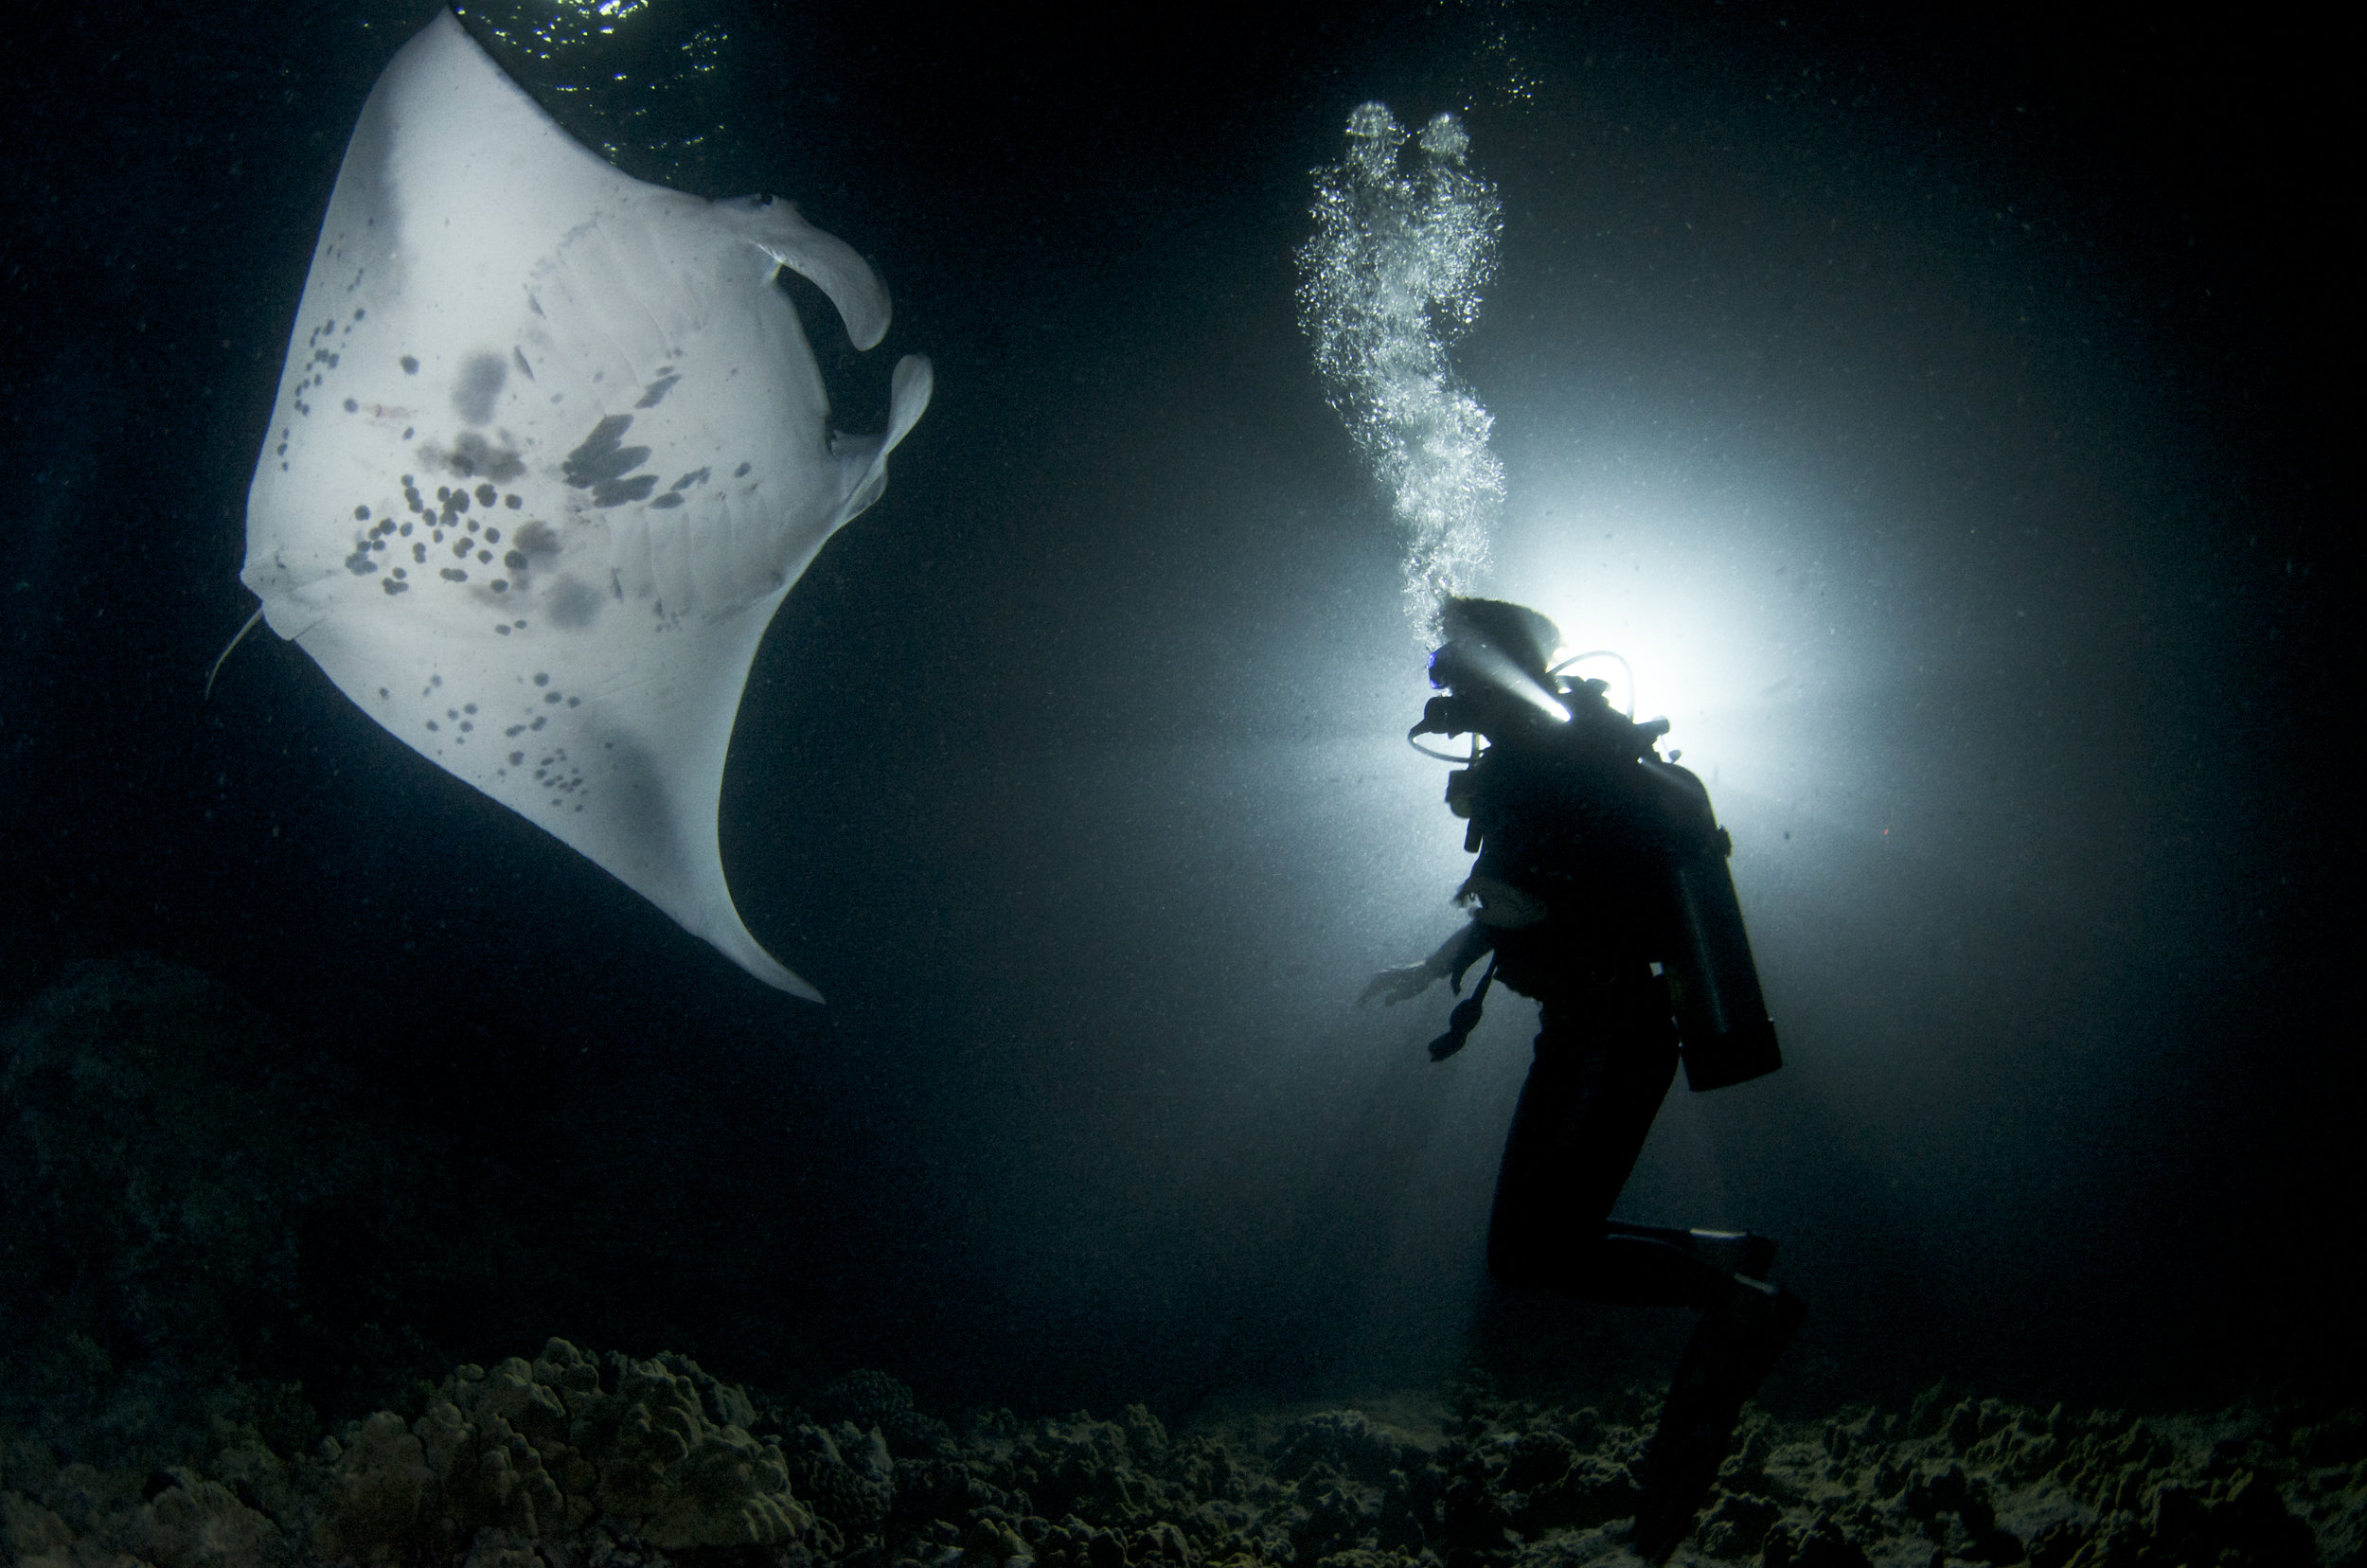 manta ray credit: amanda cotton / coral reef image bank